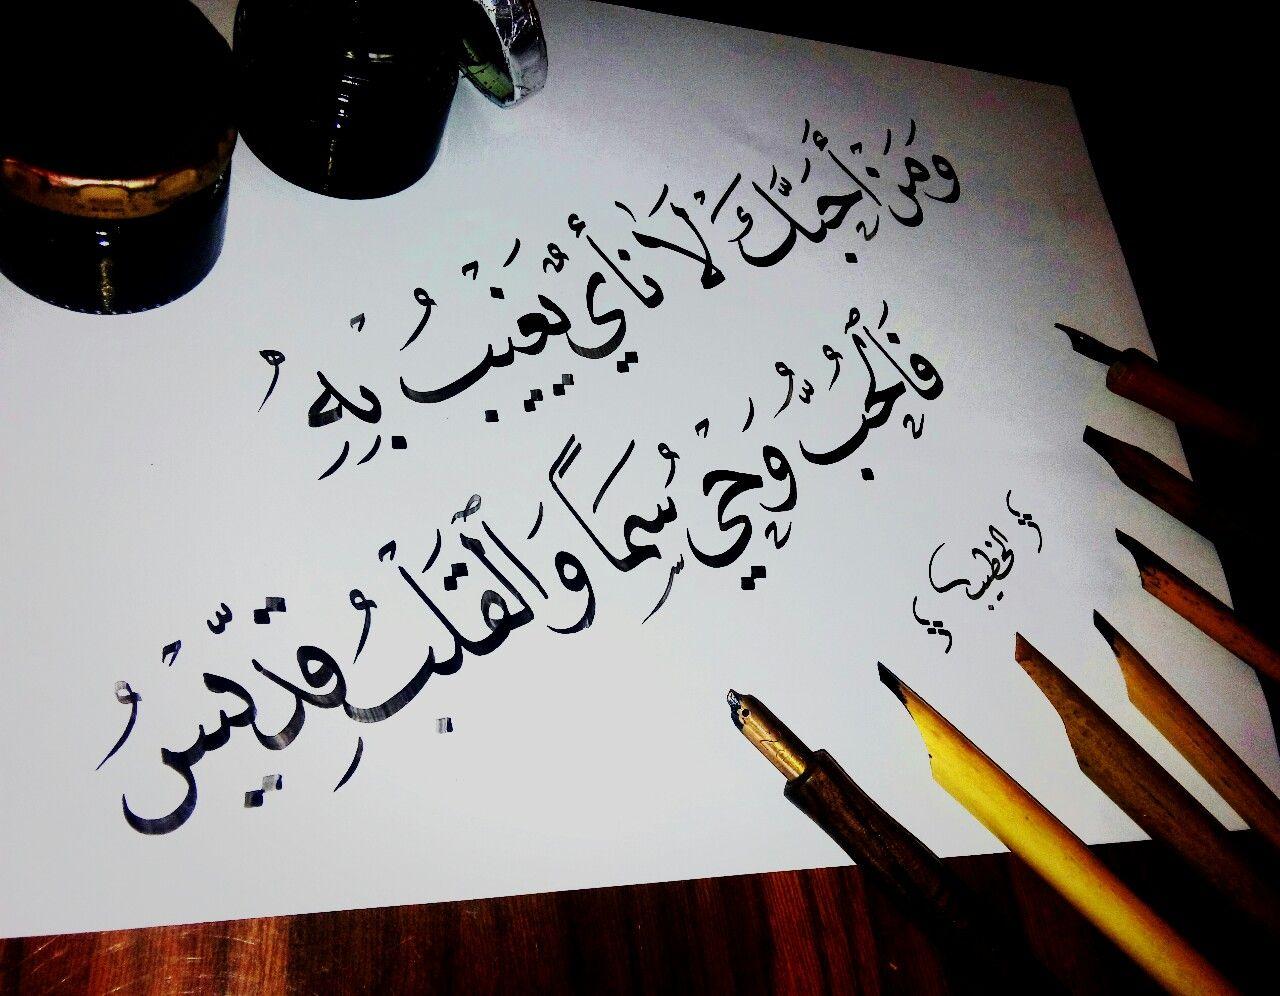 وصادق الحب لو باريس مسكنه وكنت في عدن تاتيك باريس اينعم بقلمي Calligraphy I Calligraphy Arabic Calligraphy